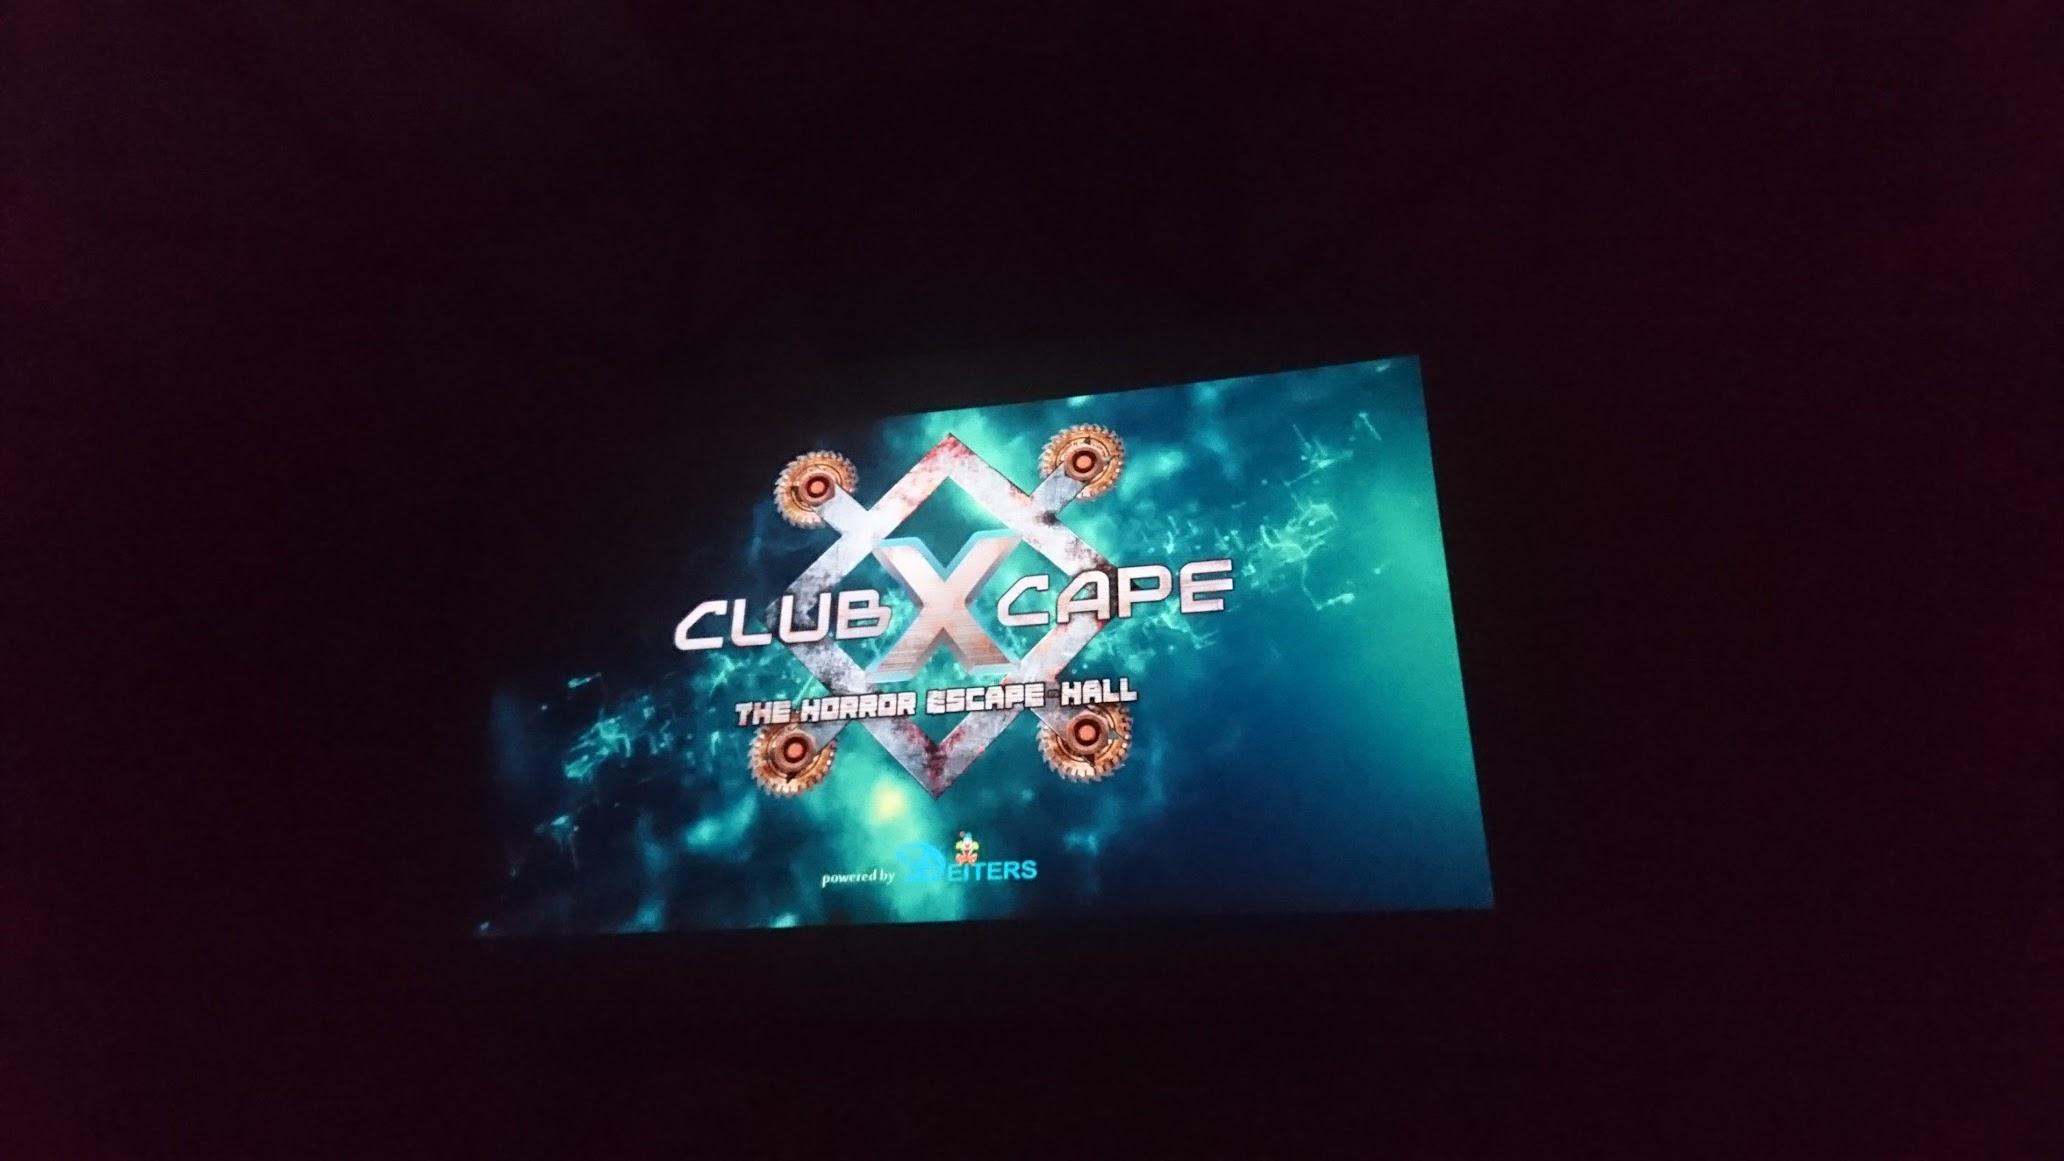 Grusellabyrinth NRW Bottrop Club Xcape